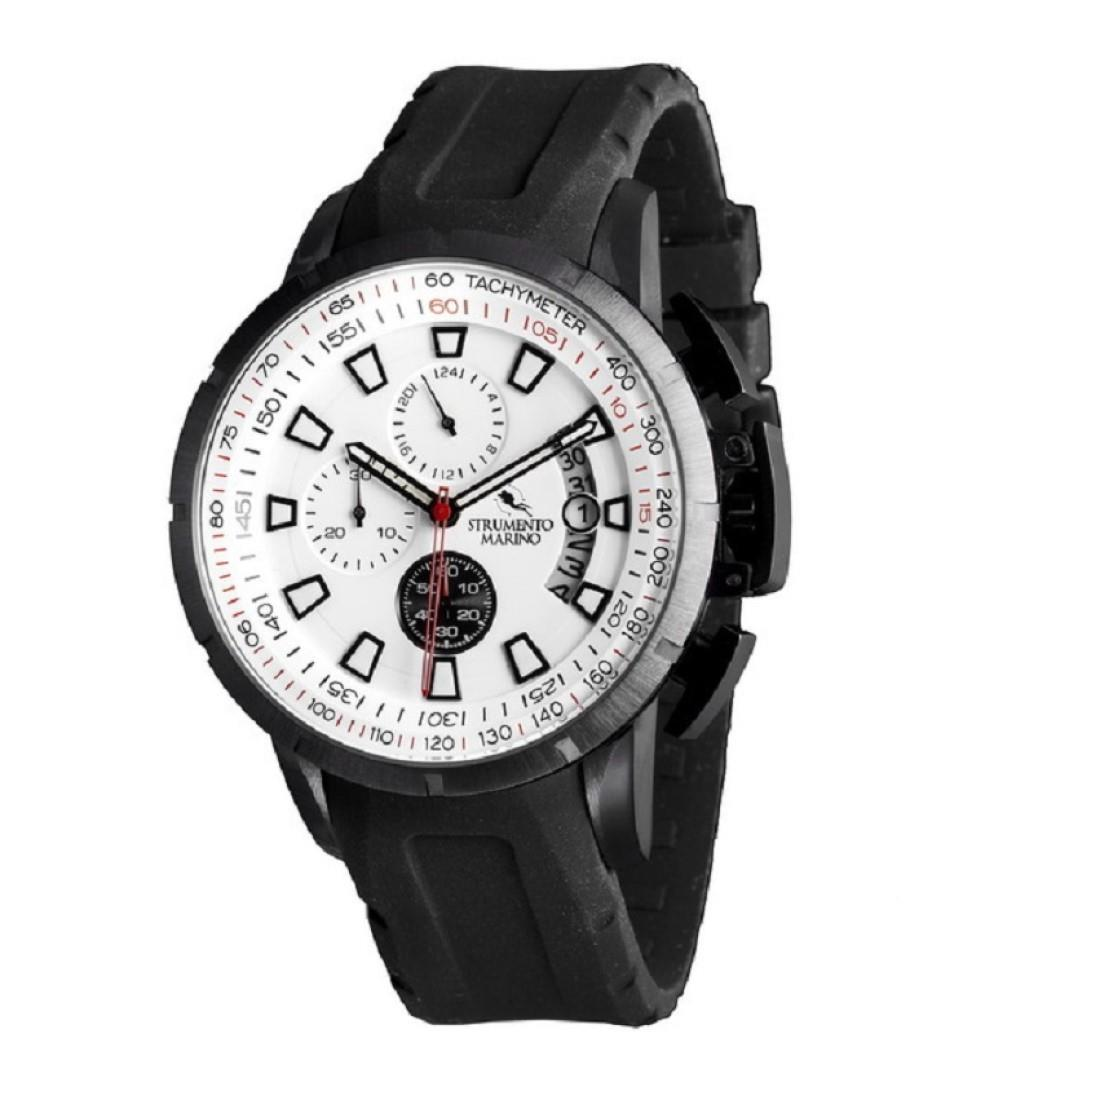 Watch case 46 mm - STRUMENTO MARINO